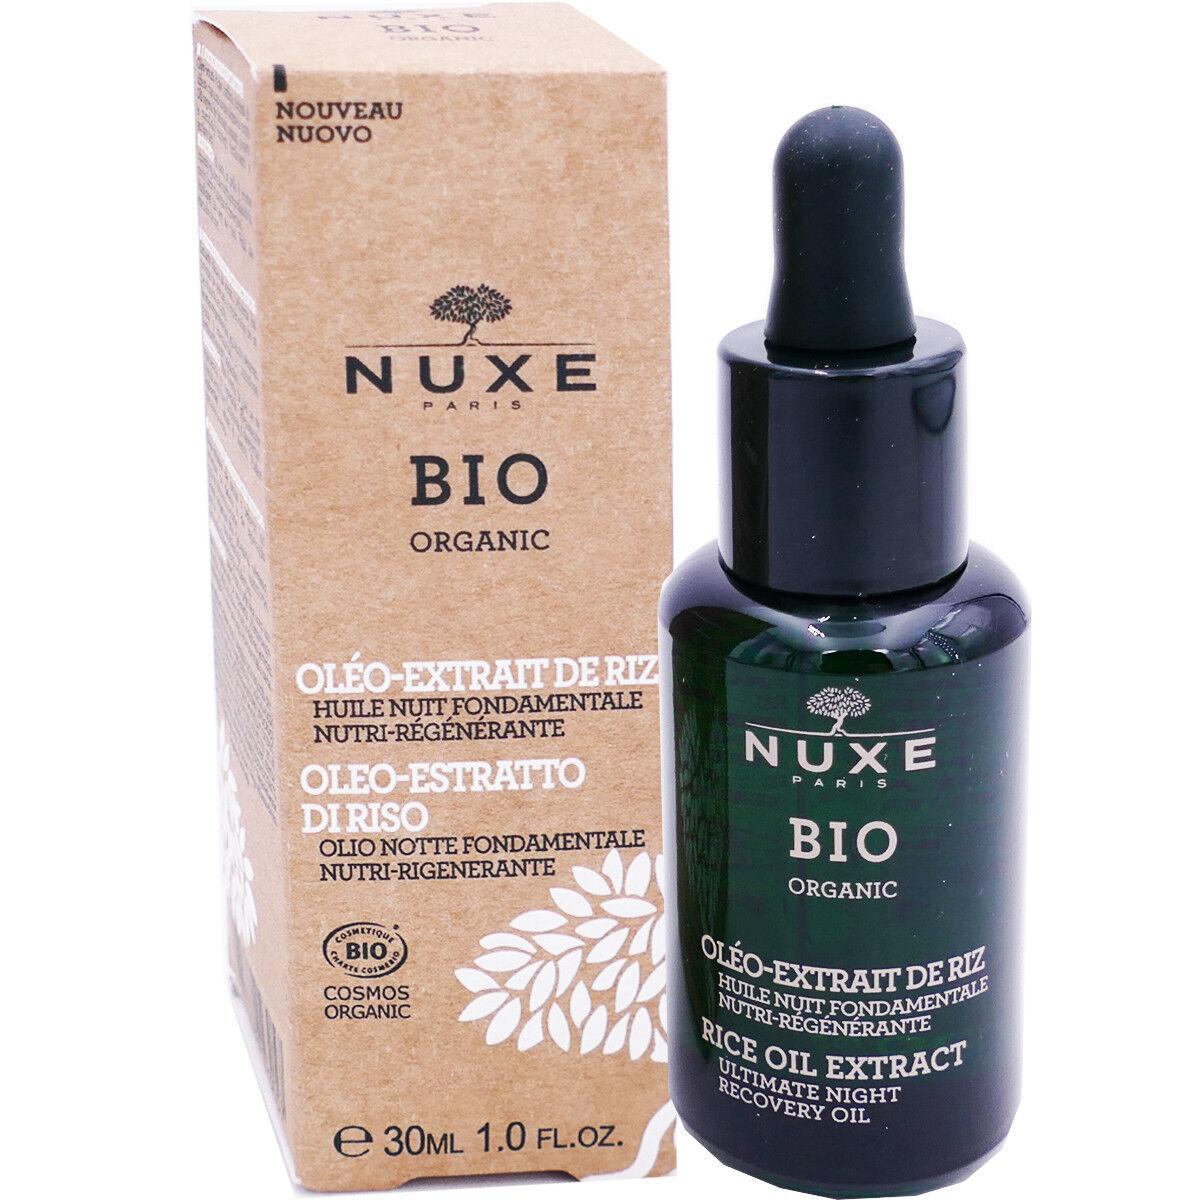 Nuxe bio oleo-extrait de riz 30 ml huile